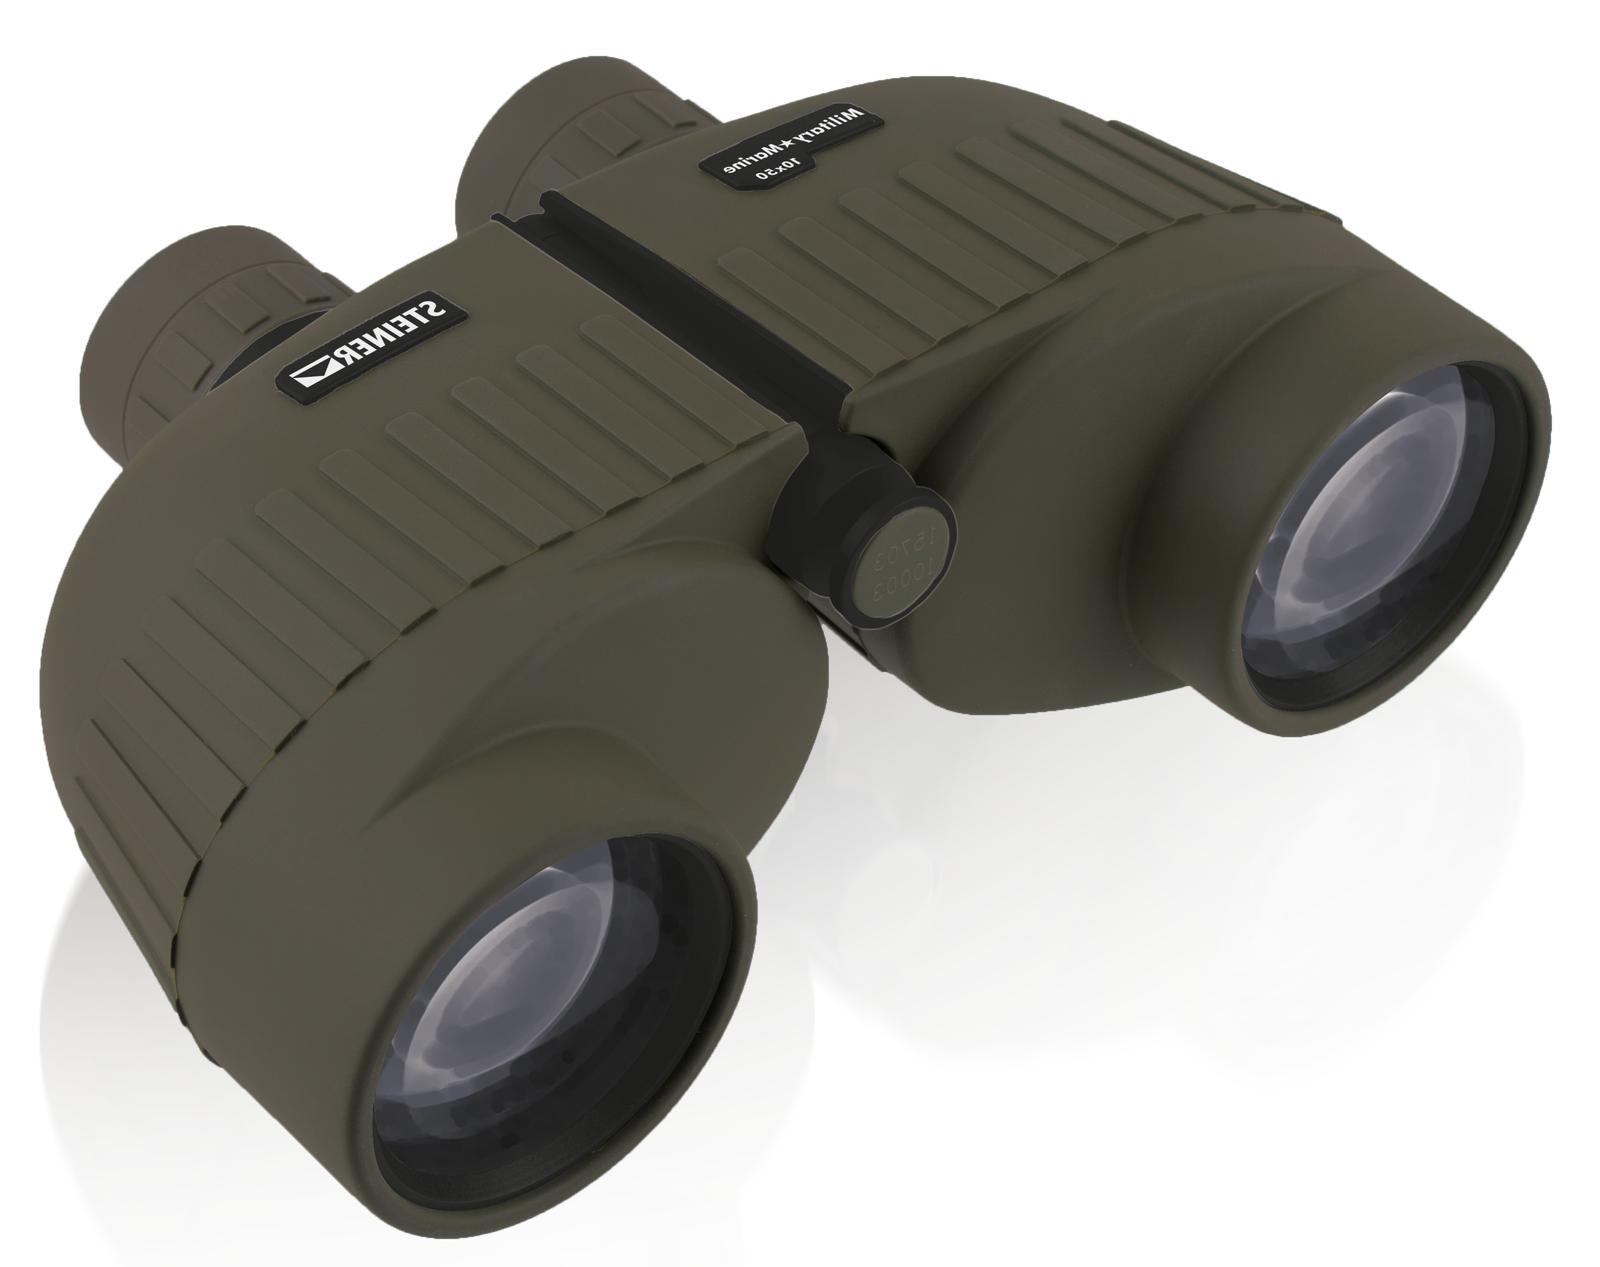 mm1050 military marine binoculars